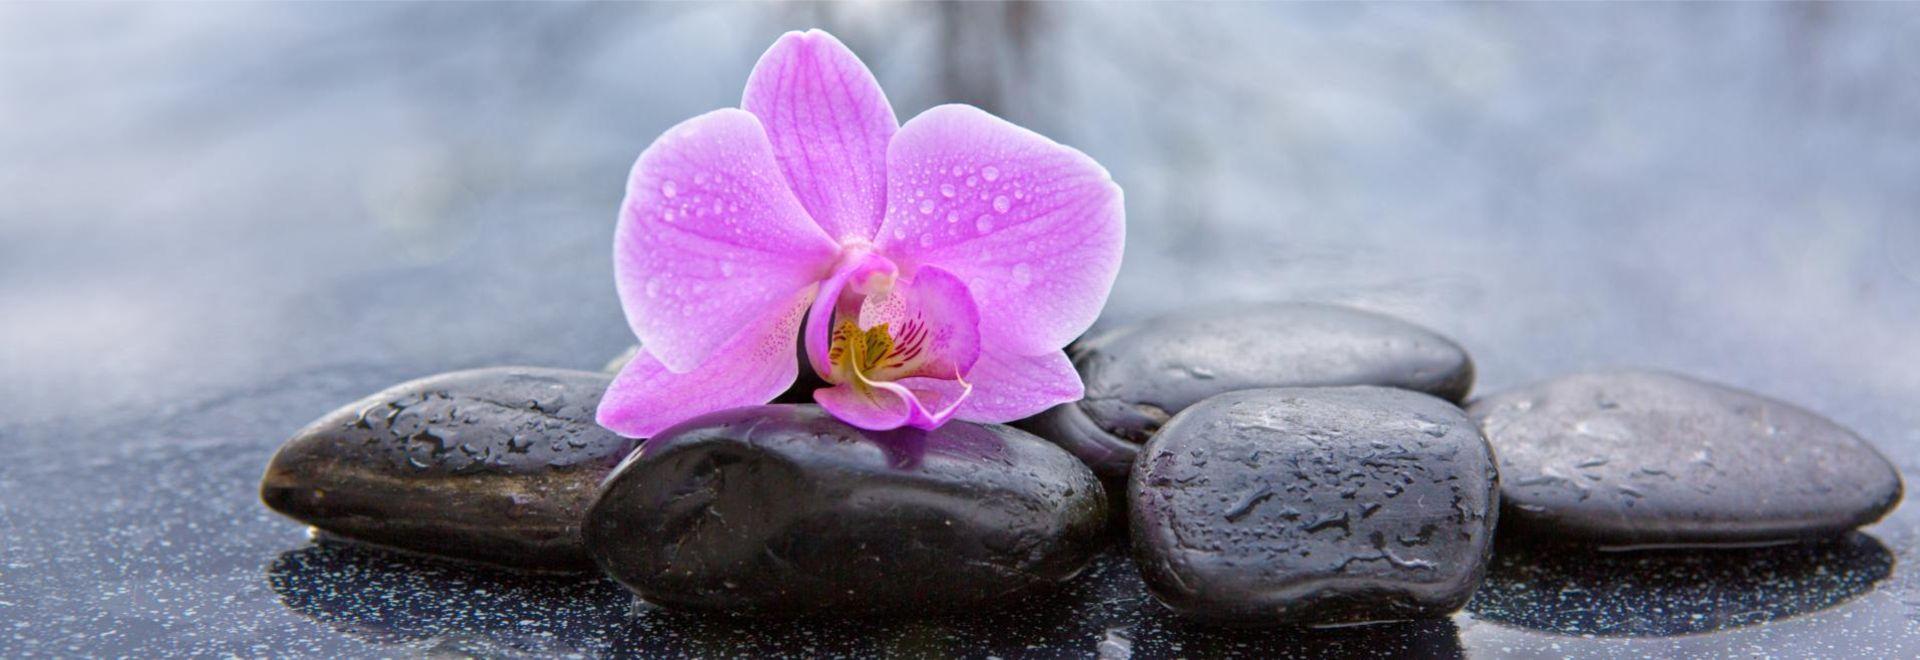 Orchideen-als-Sinnbild-für-Schönes